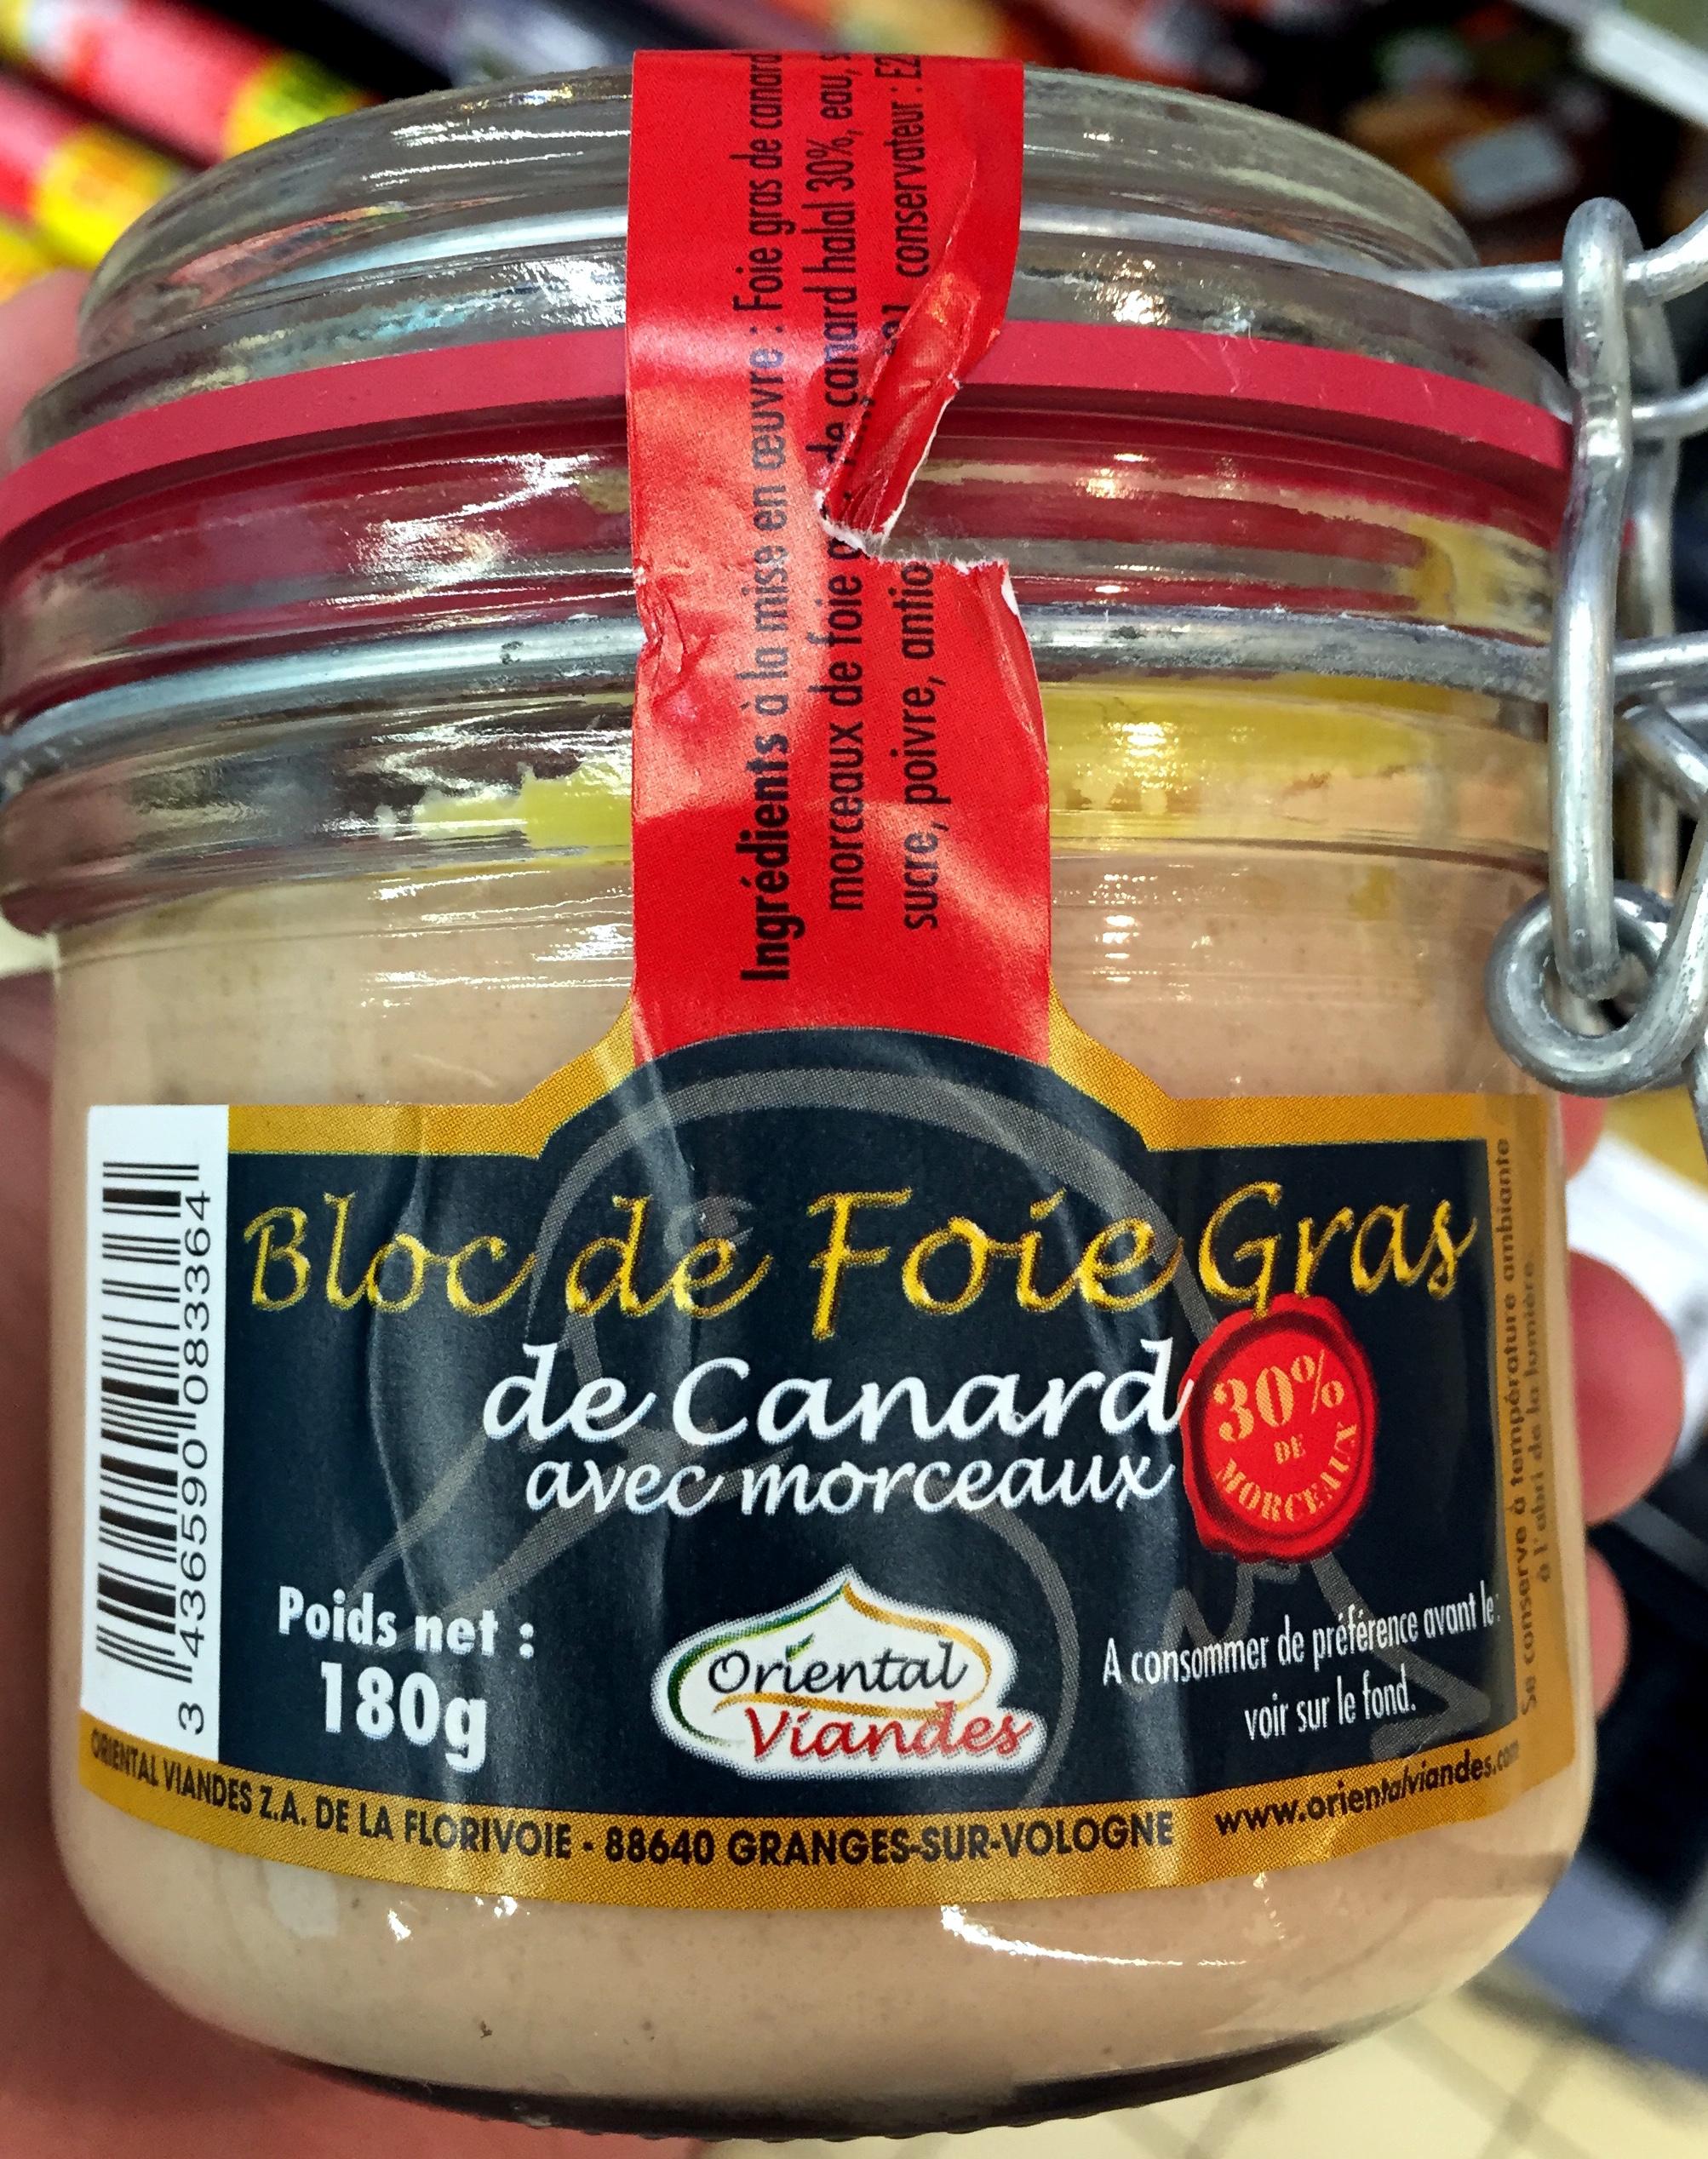 Bloc de Foie Gras de Canard avec morceaux (30%) - Produit - fr